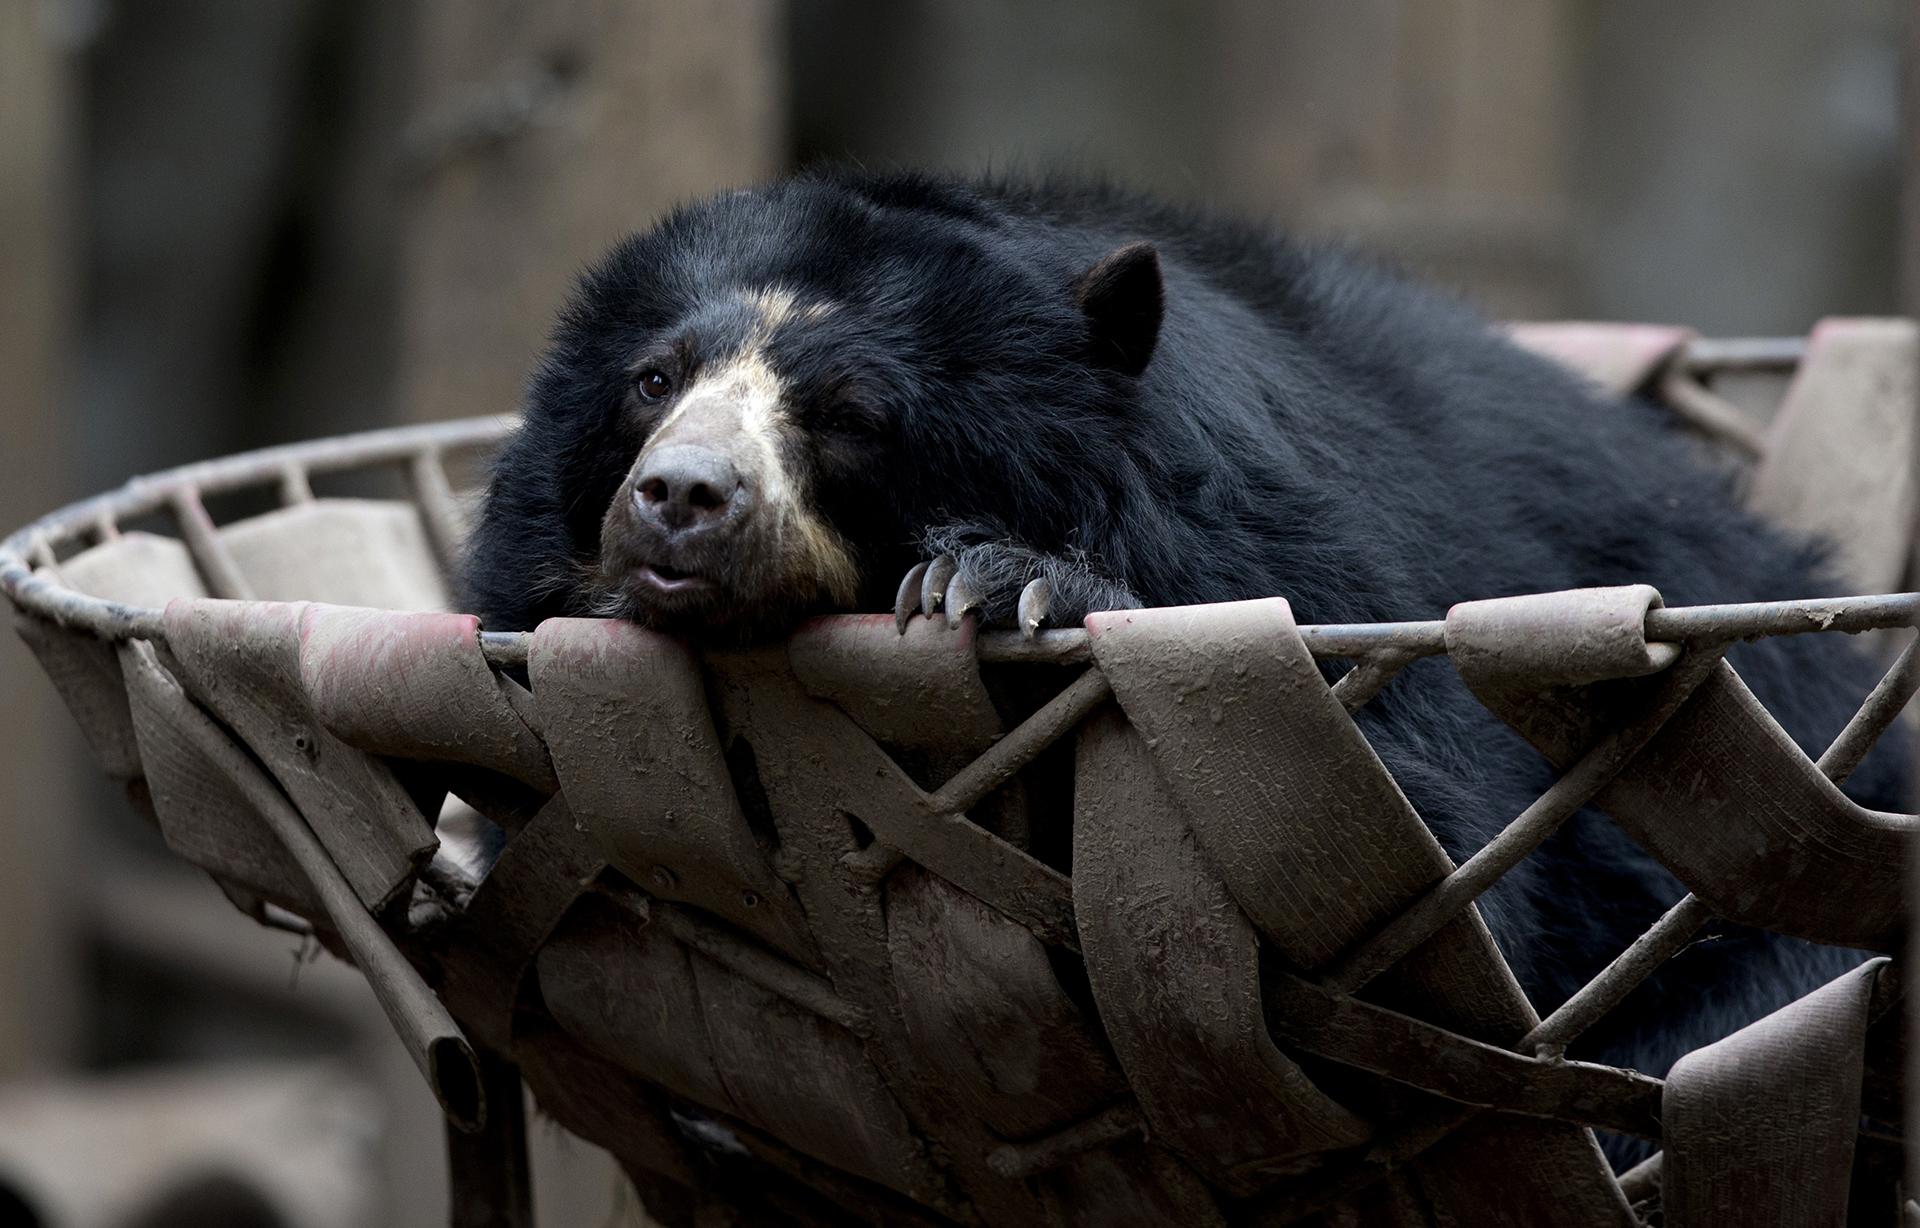 Un oso de anteojos descansa sobre una cesta.Los expertos llegaron a la conclusión de que un año después las condiciones para los animales prácticamente siguen siendo las mismas